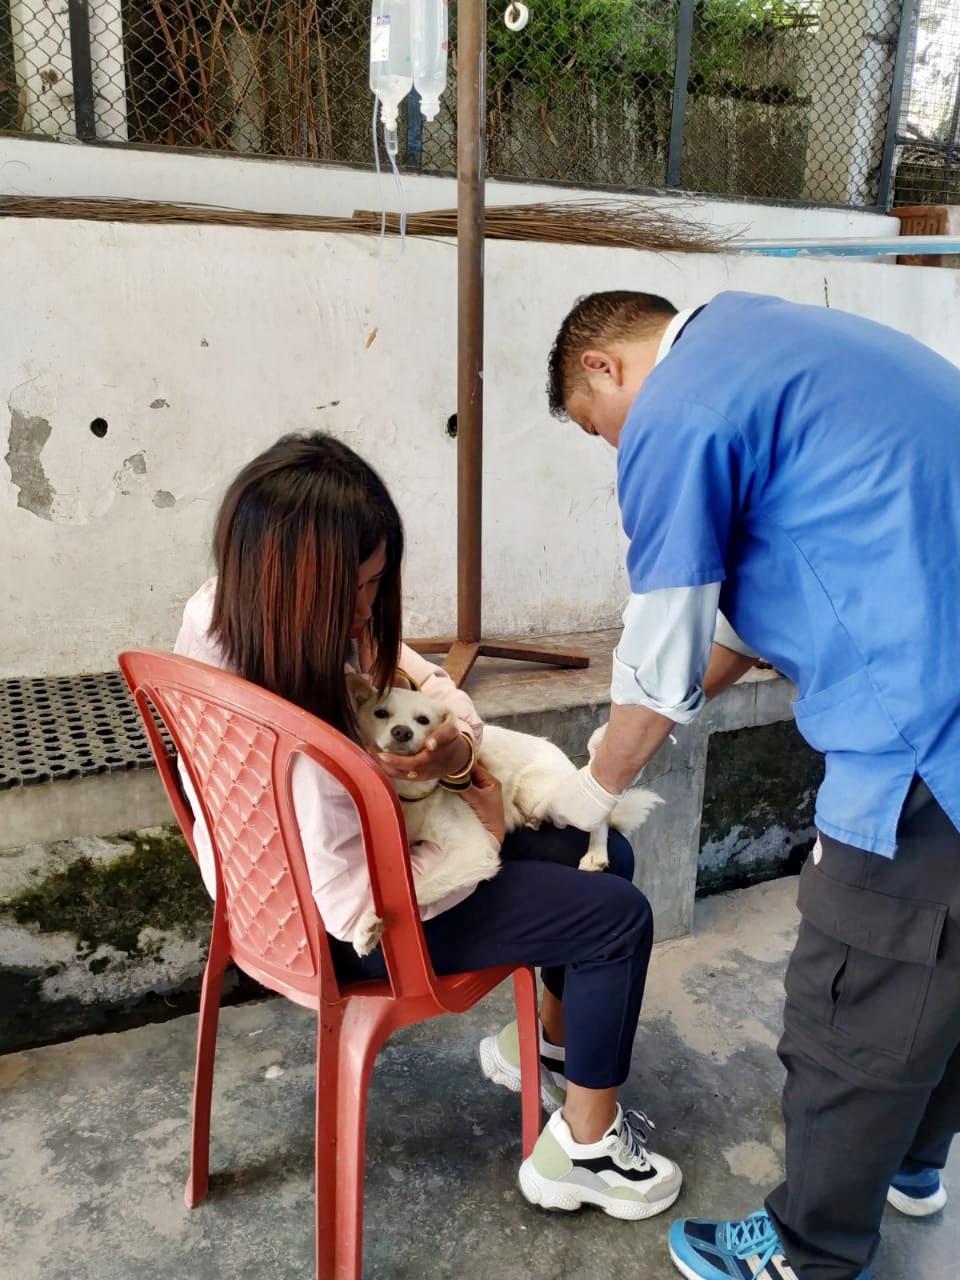 Mr. Wangel treating a sick dog at DAS